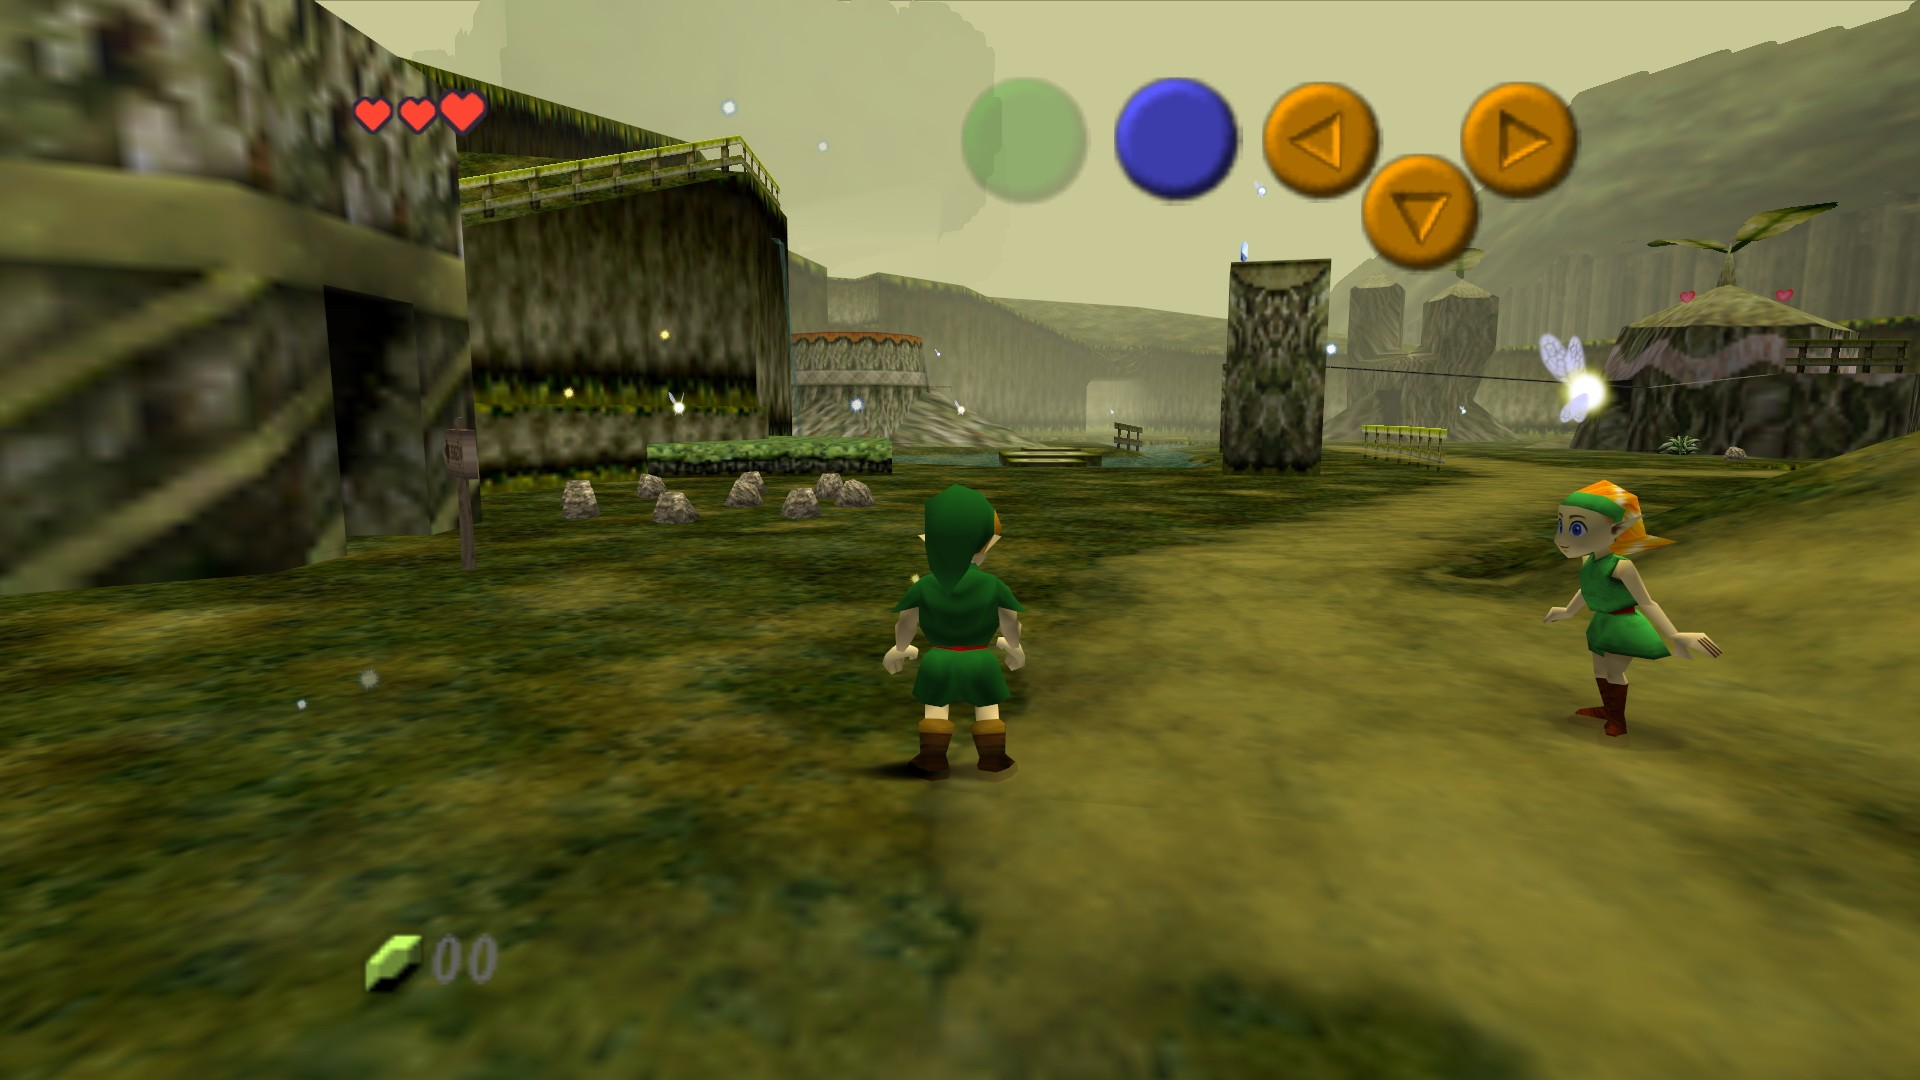 1080p Zelda Wallpaper: Ocarina Of Time Wallpaper HD